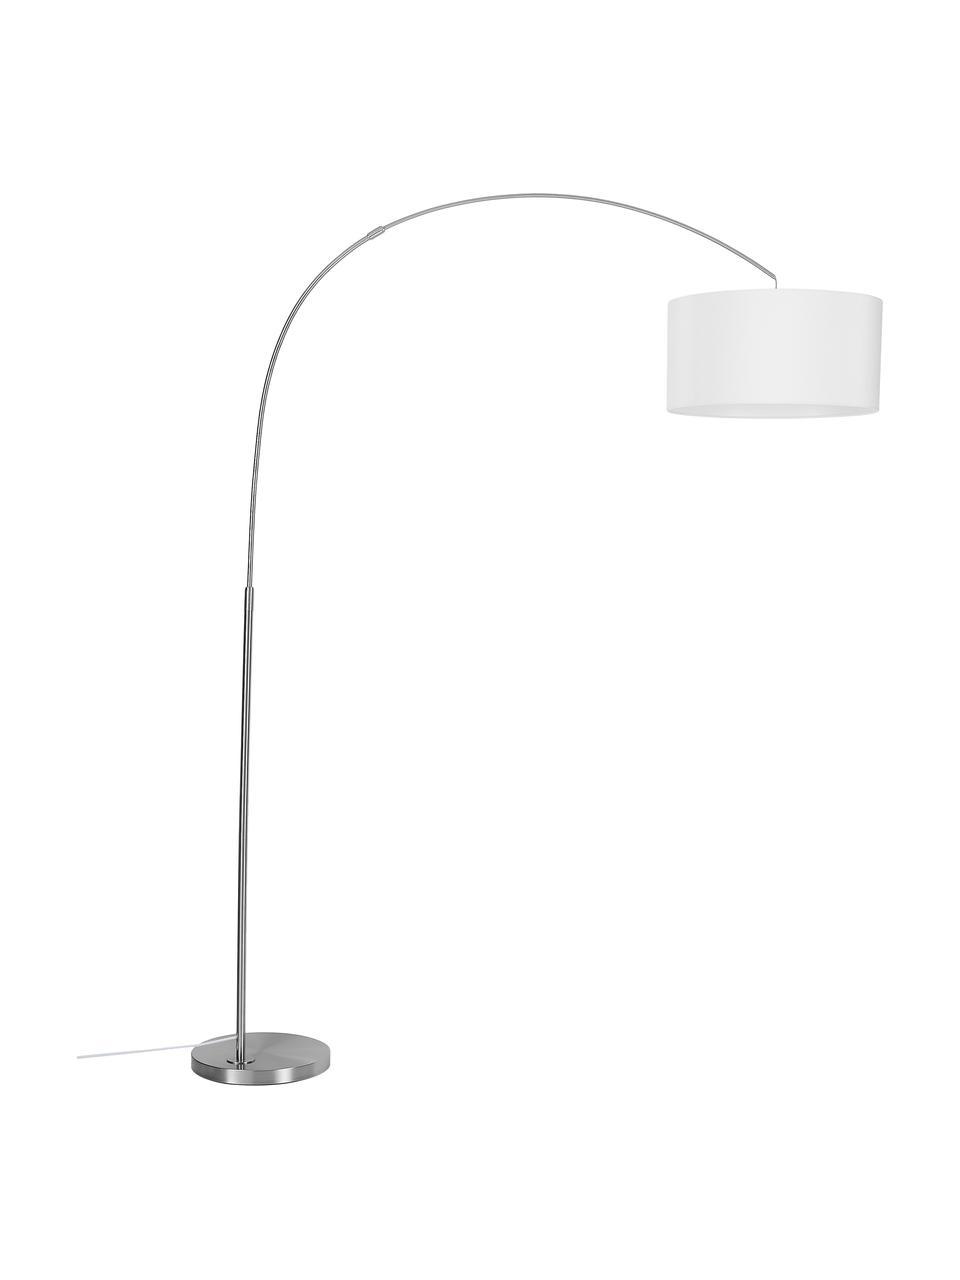 Lampada ad arco cromata Niels, Base della lampada: metallo spazzolato, Paralume: tessuto, Bianco, cromo, trasparente, Ø 50 x Alt. 218 cm